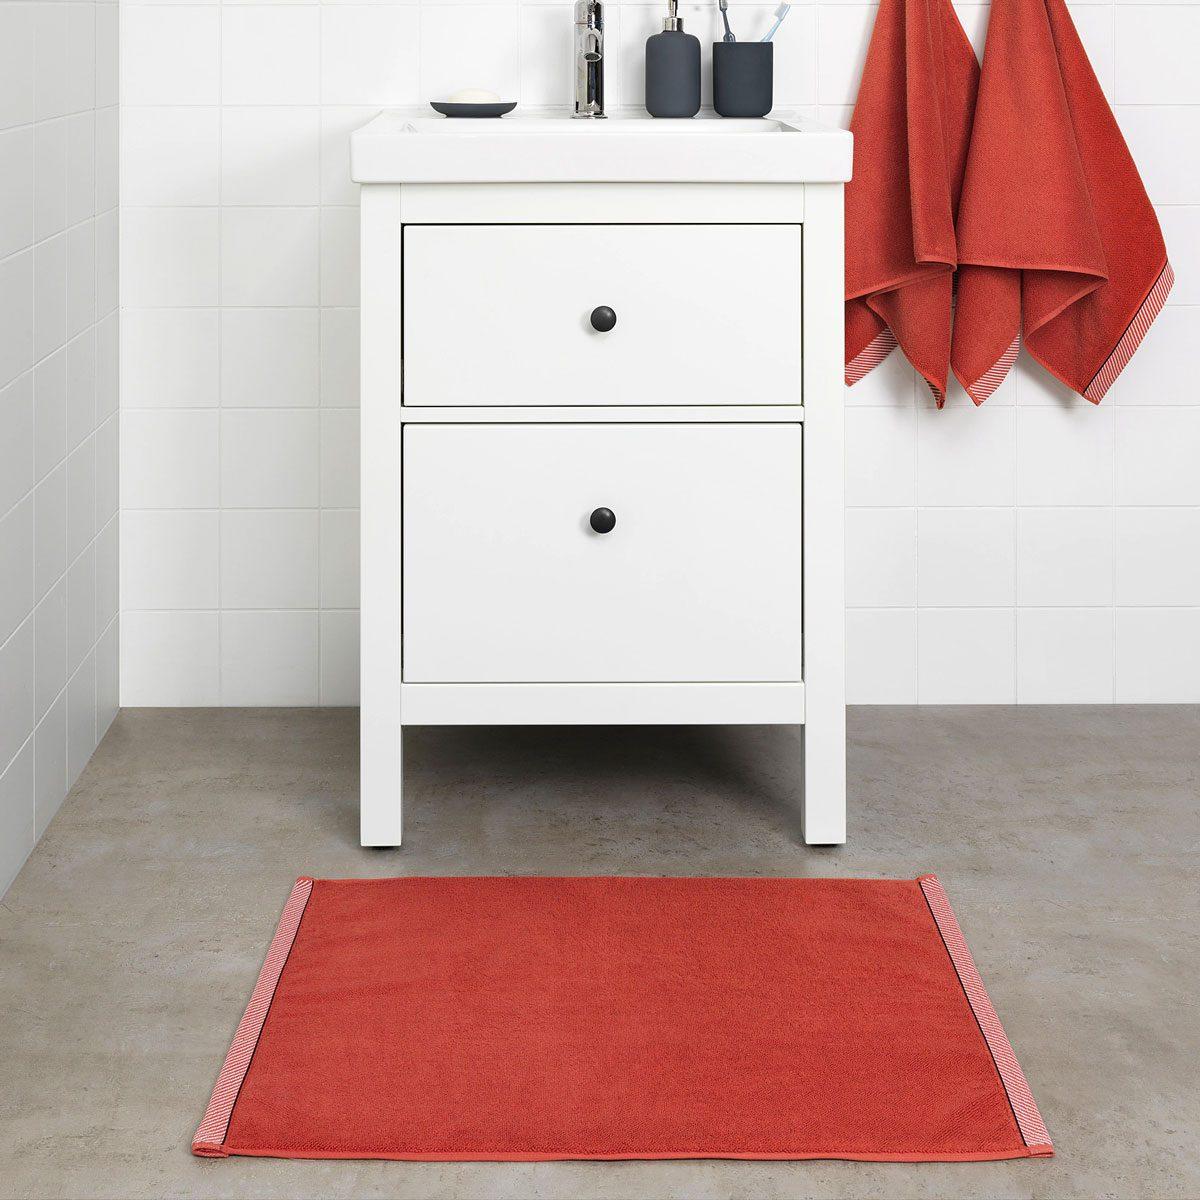 IKEA-bath-mat